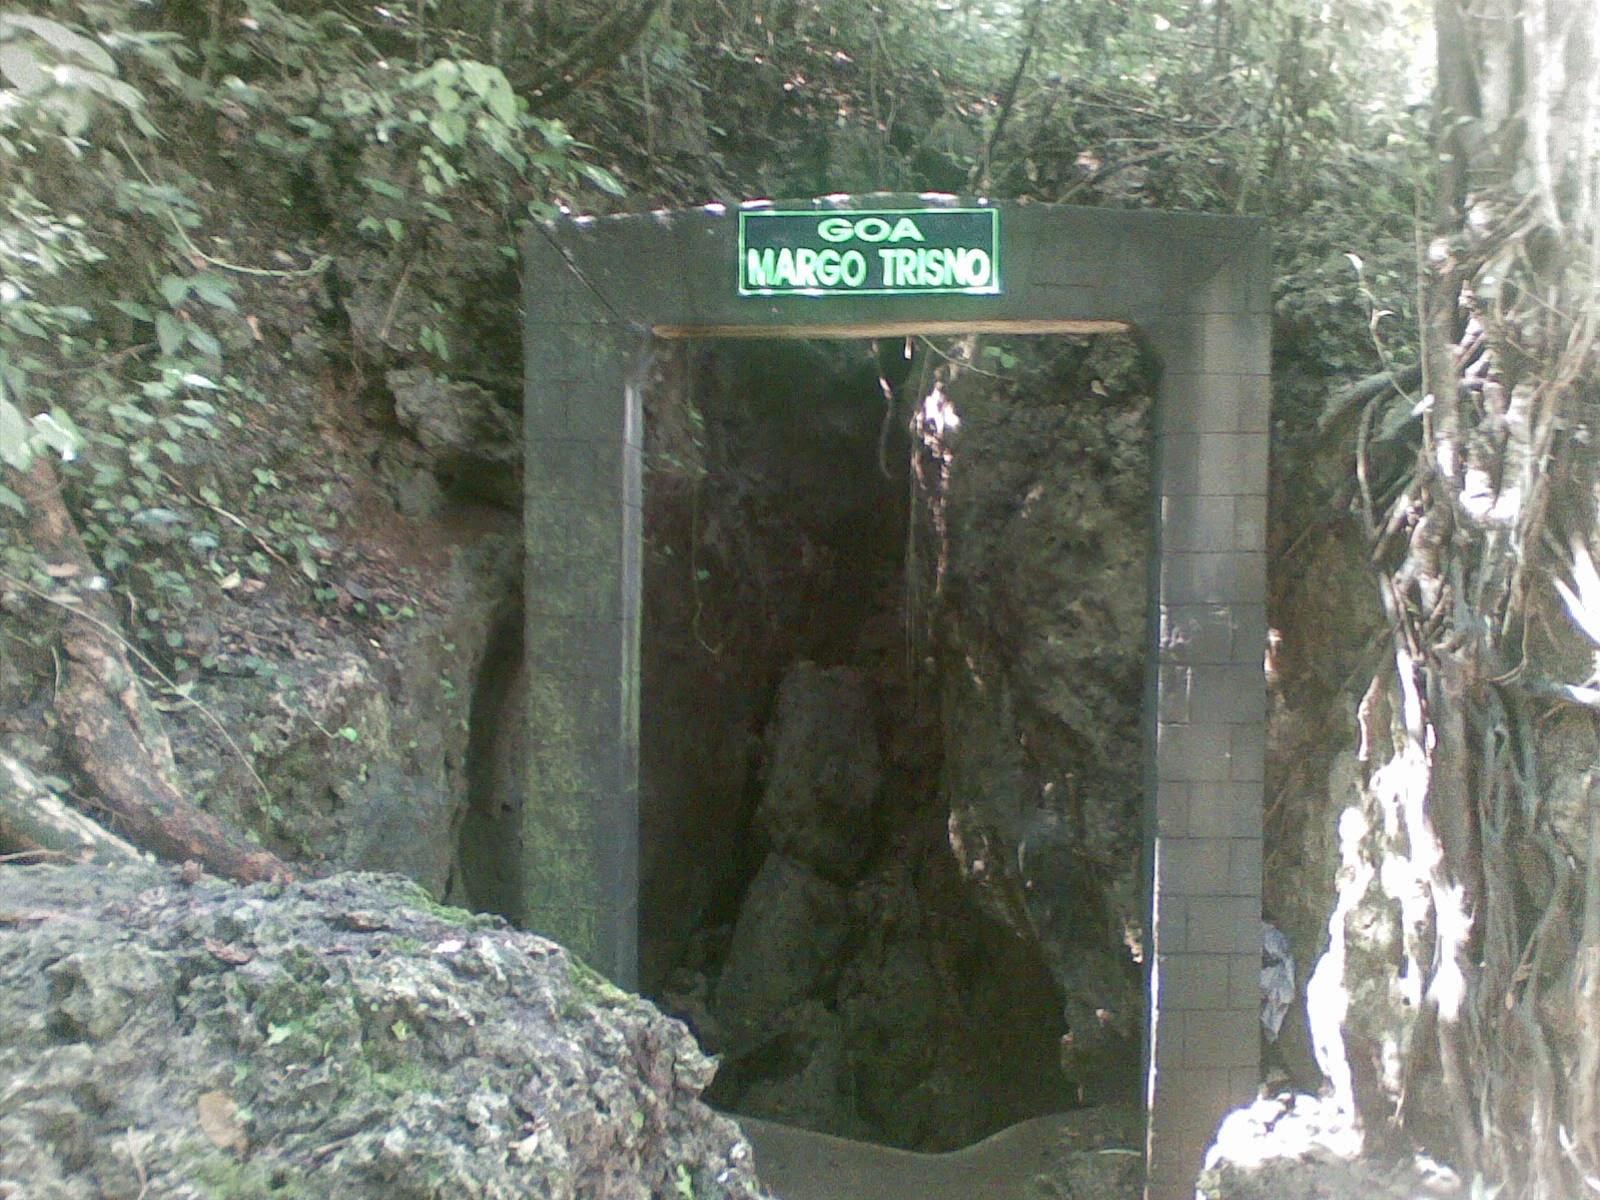 Nganjuk Punya Wisata Goa Margo Trisno Masjid Yoni Al Mubarok